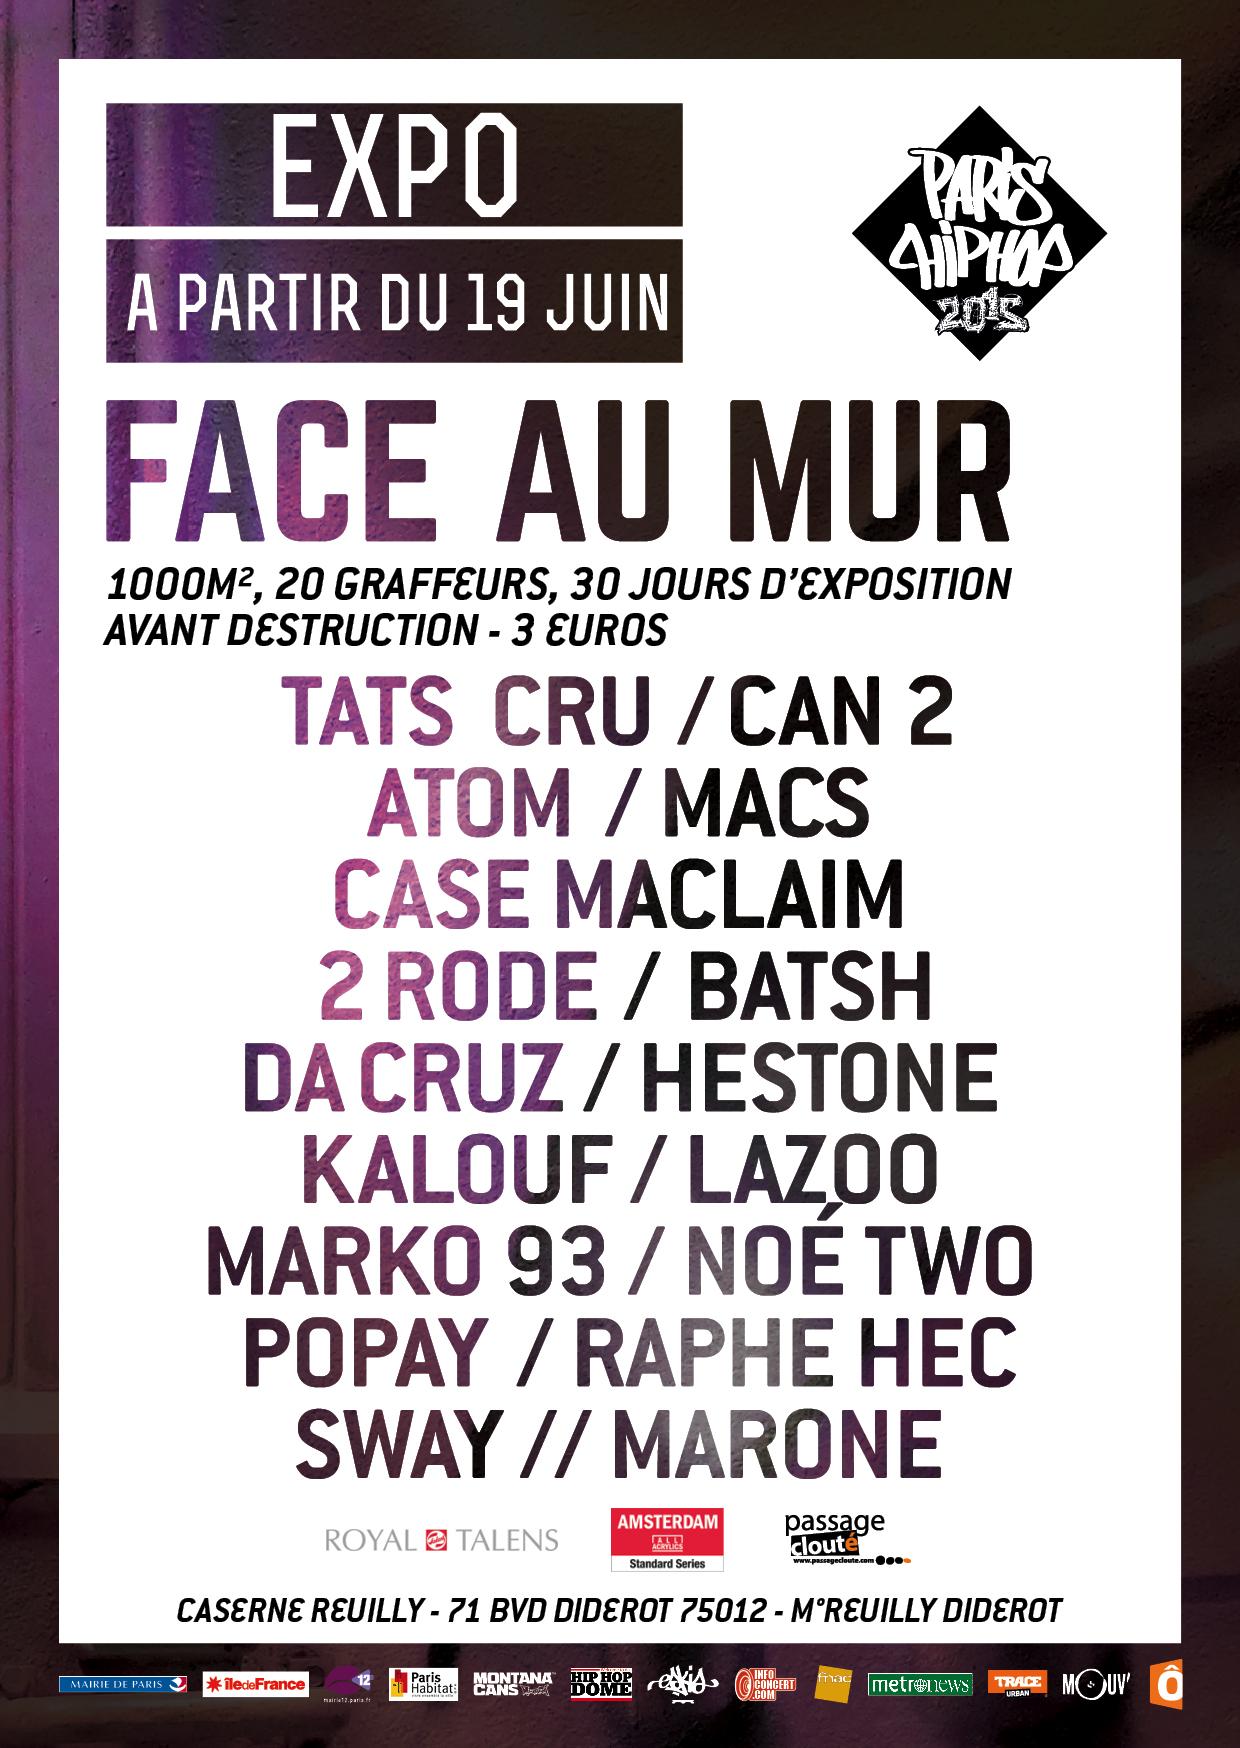 Face-Au-Mur-sans fond perdu2